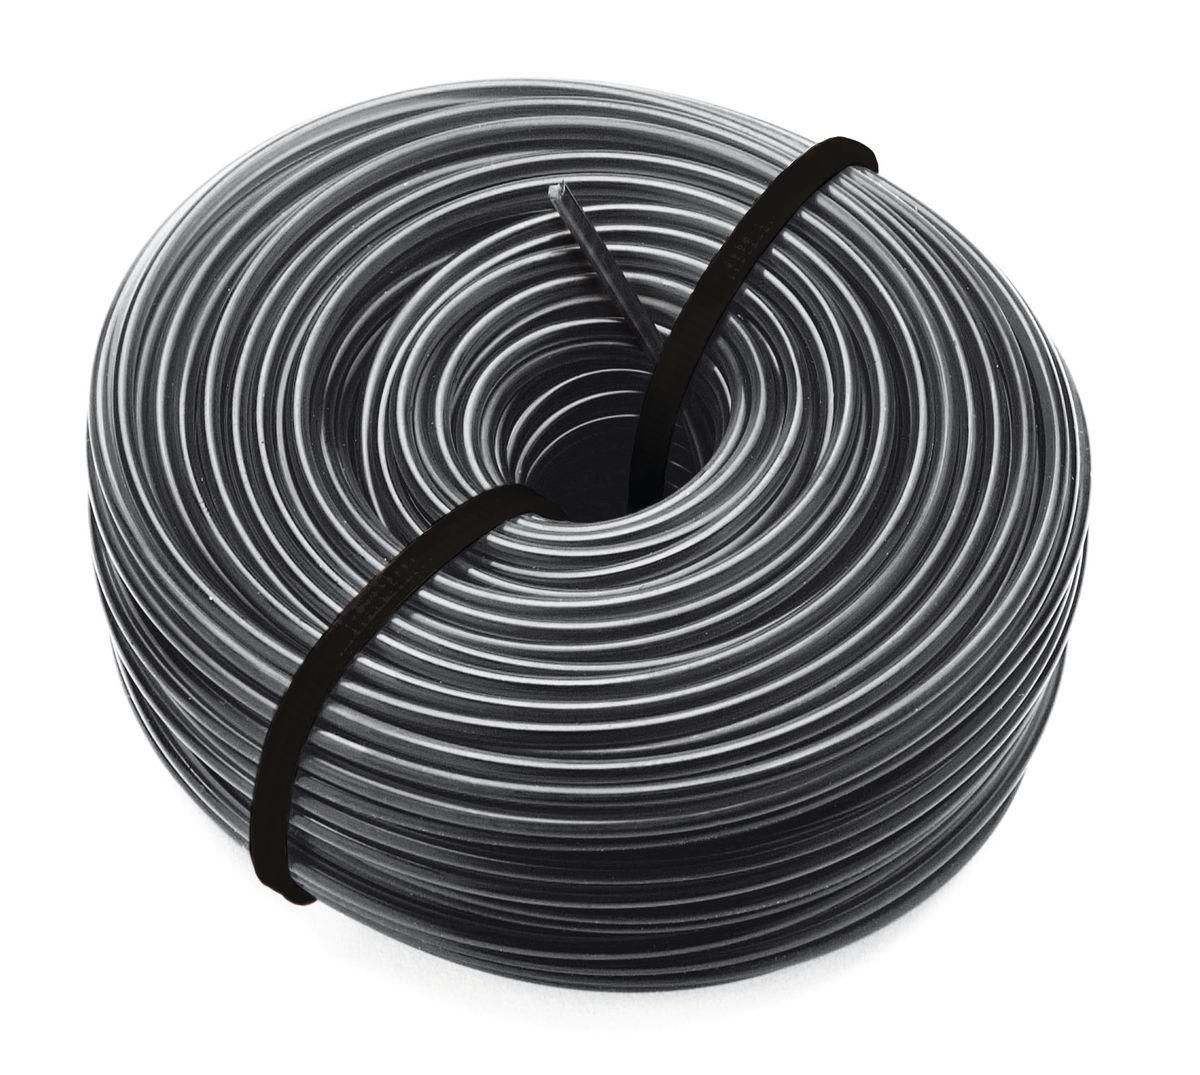 Леска для триммеров Bosch, 1,6 мм х 24 м (кроме ART 37)F016800462Режущая леска круглого сечения Bosch используется в качестве оснастки для садовых триммеров. Предназначена для всех триммеров Bosch кроме ART 37. Леска изгибается, обладает высокой прочностью и жесткостью.Толщина лески: 1,6 мм. Длина лески: 24 м.